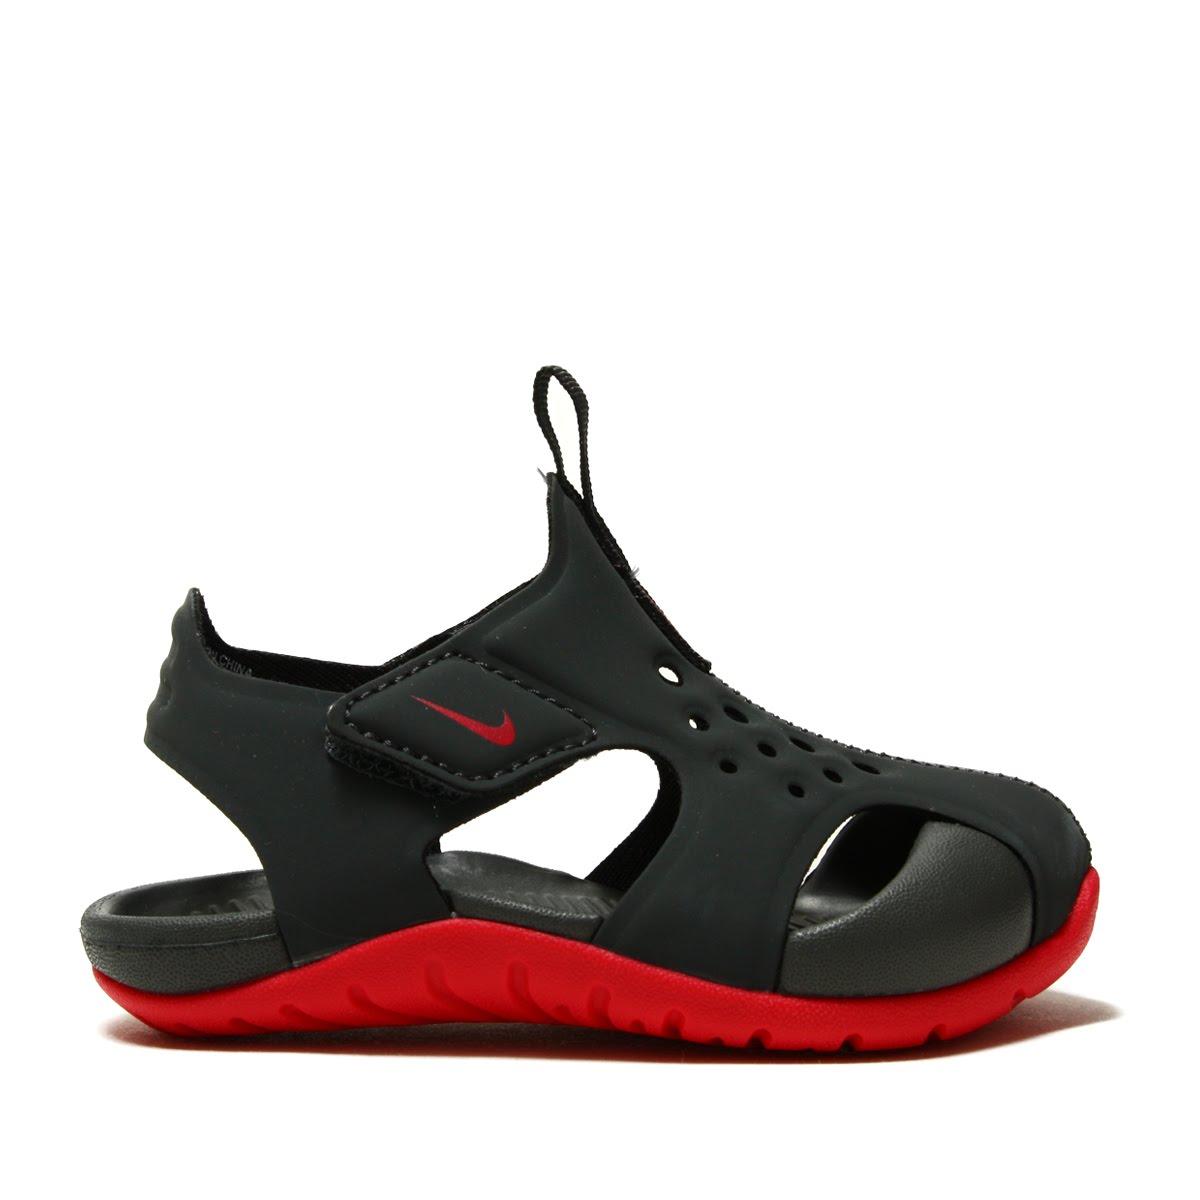 afa1b785f9 ... NIKE SUNRAY PROTECT 2 (TD) (Nike sun lei protection 2 TD) ANTHRACITE ...